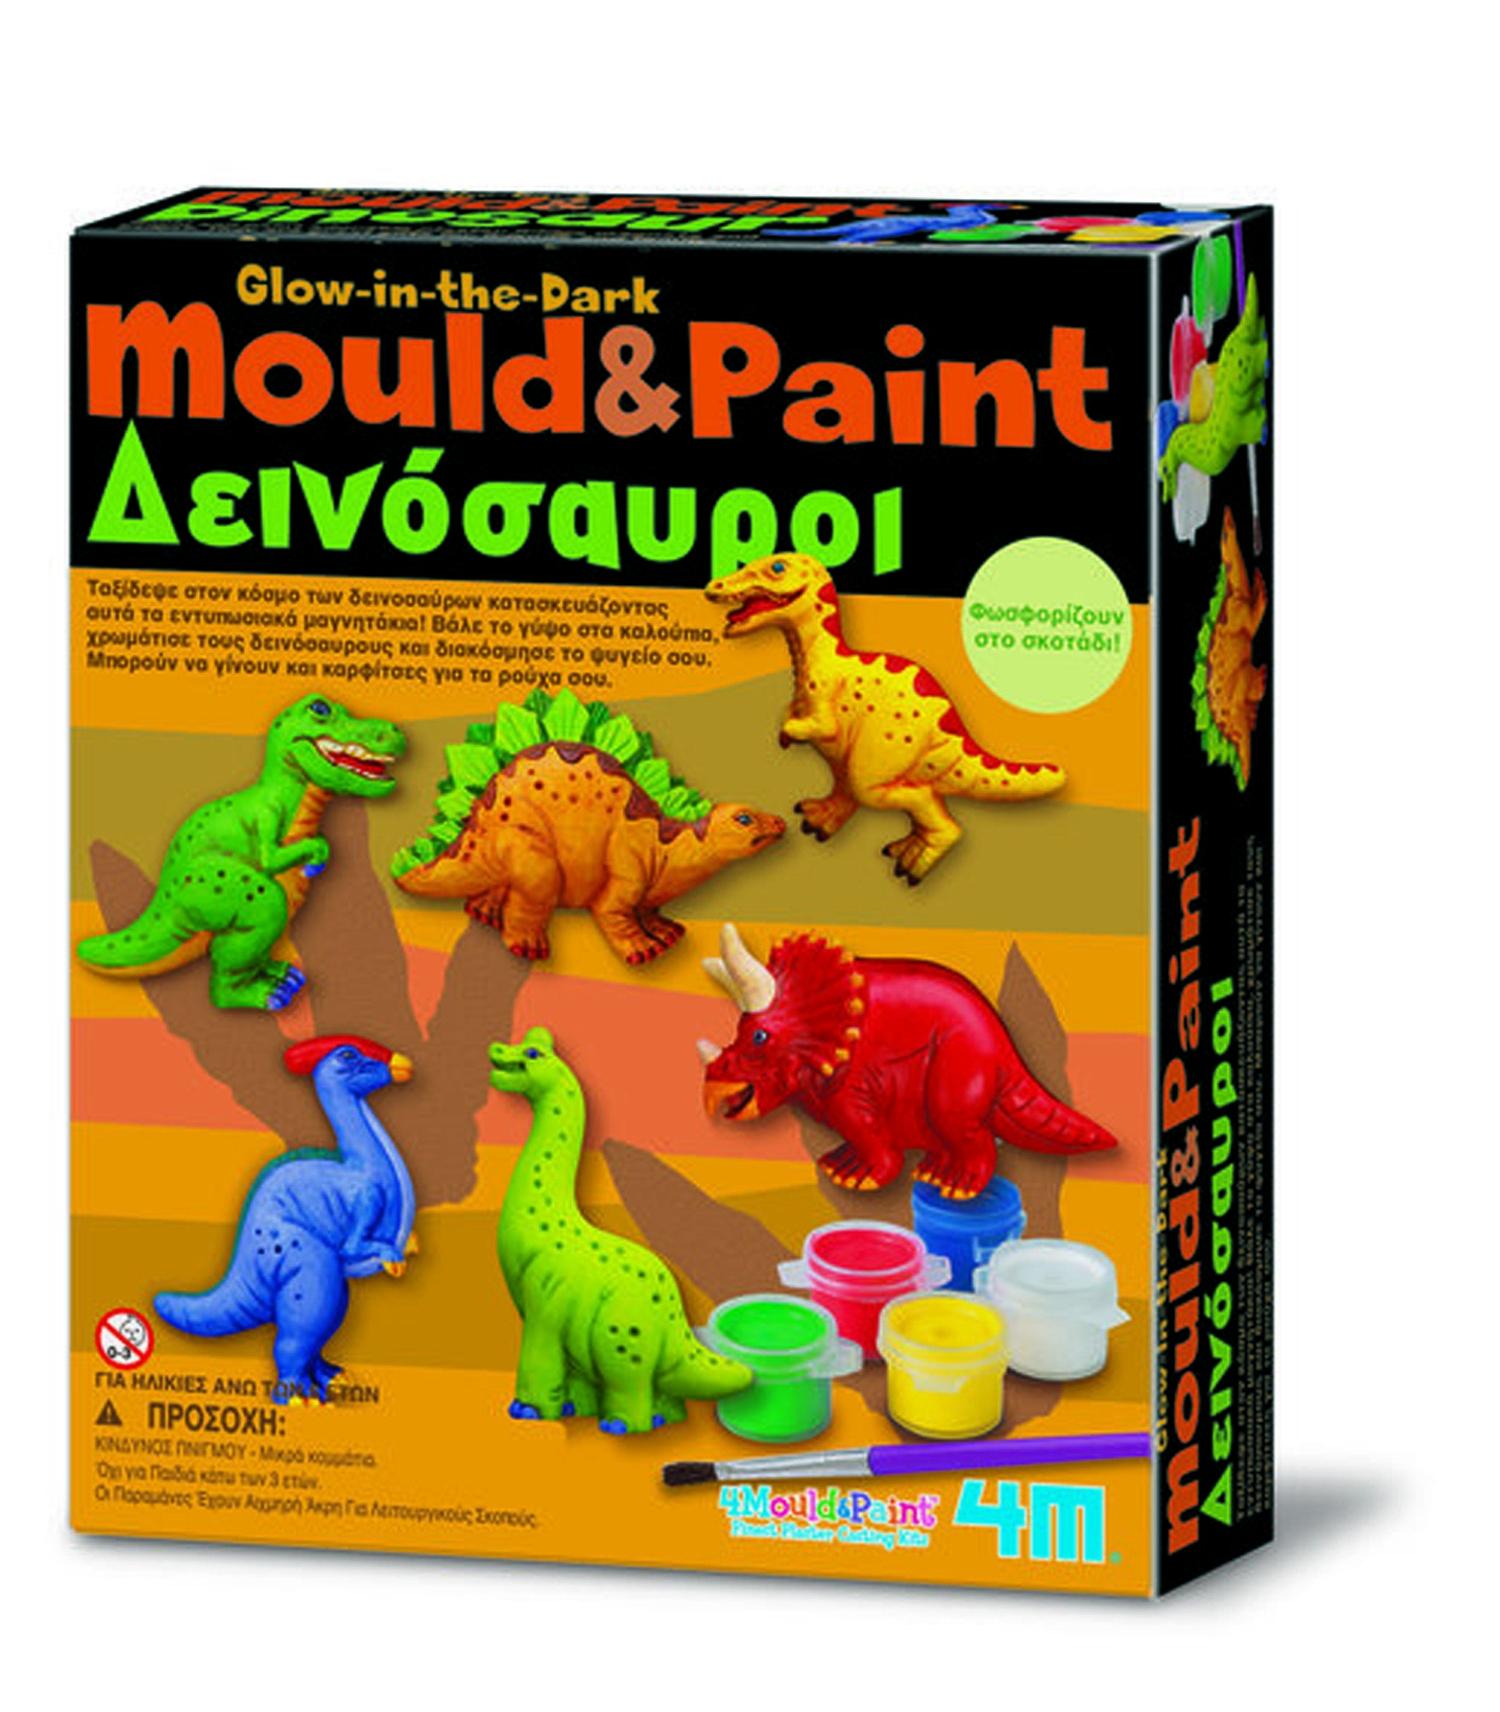 Μαγνητάκια/καρφίτσες - Δεινόσαυροι κατασκευή